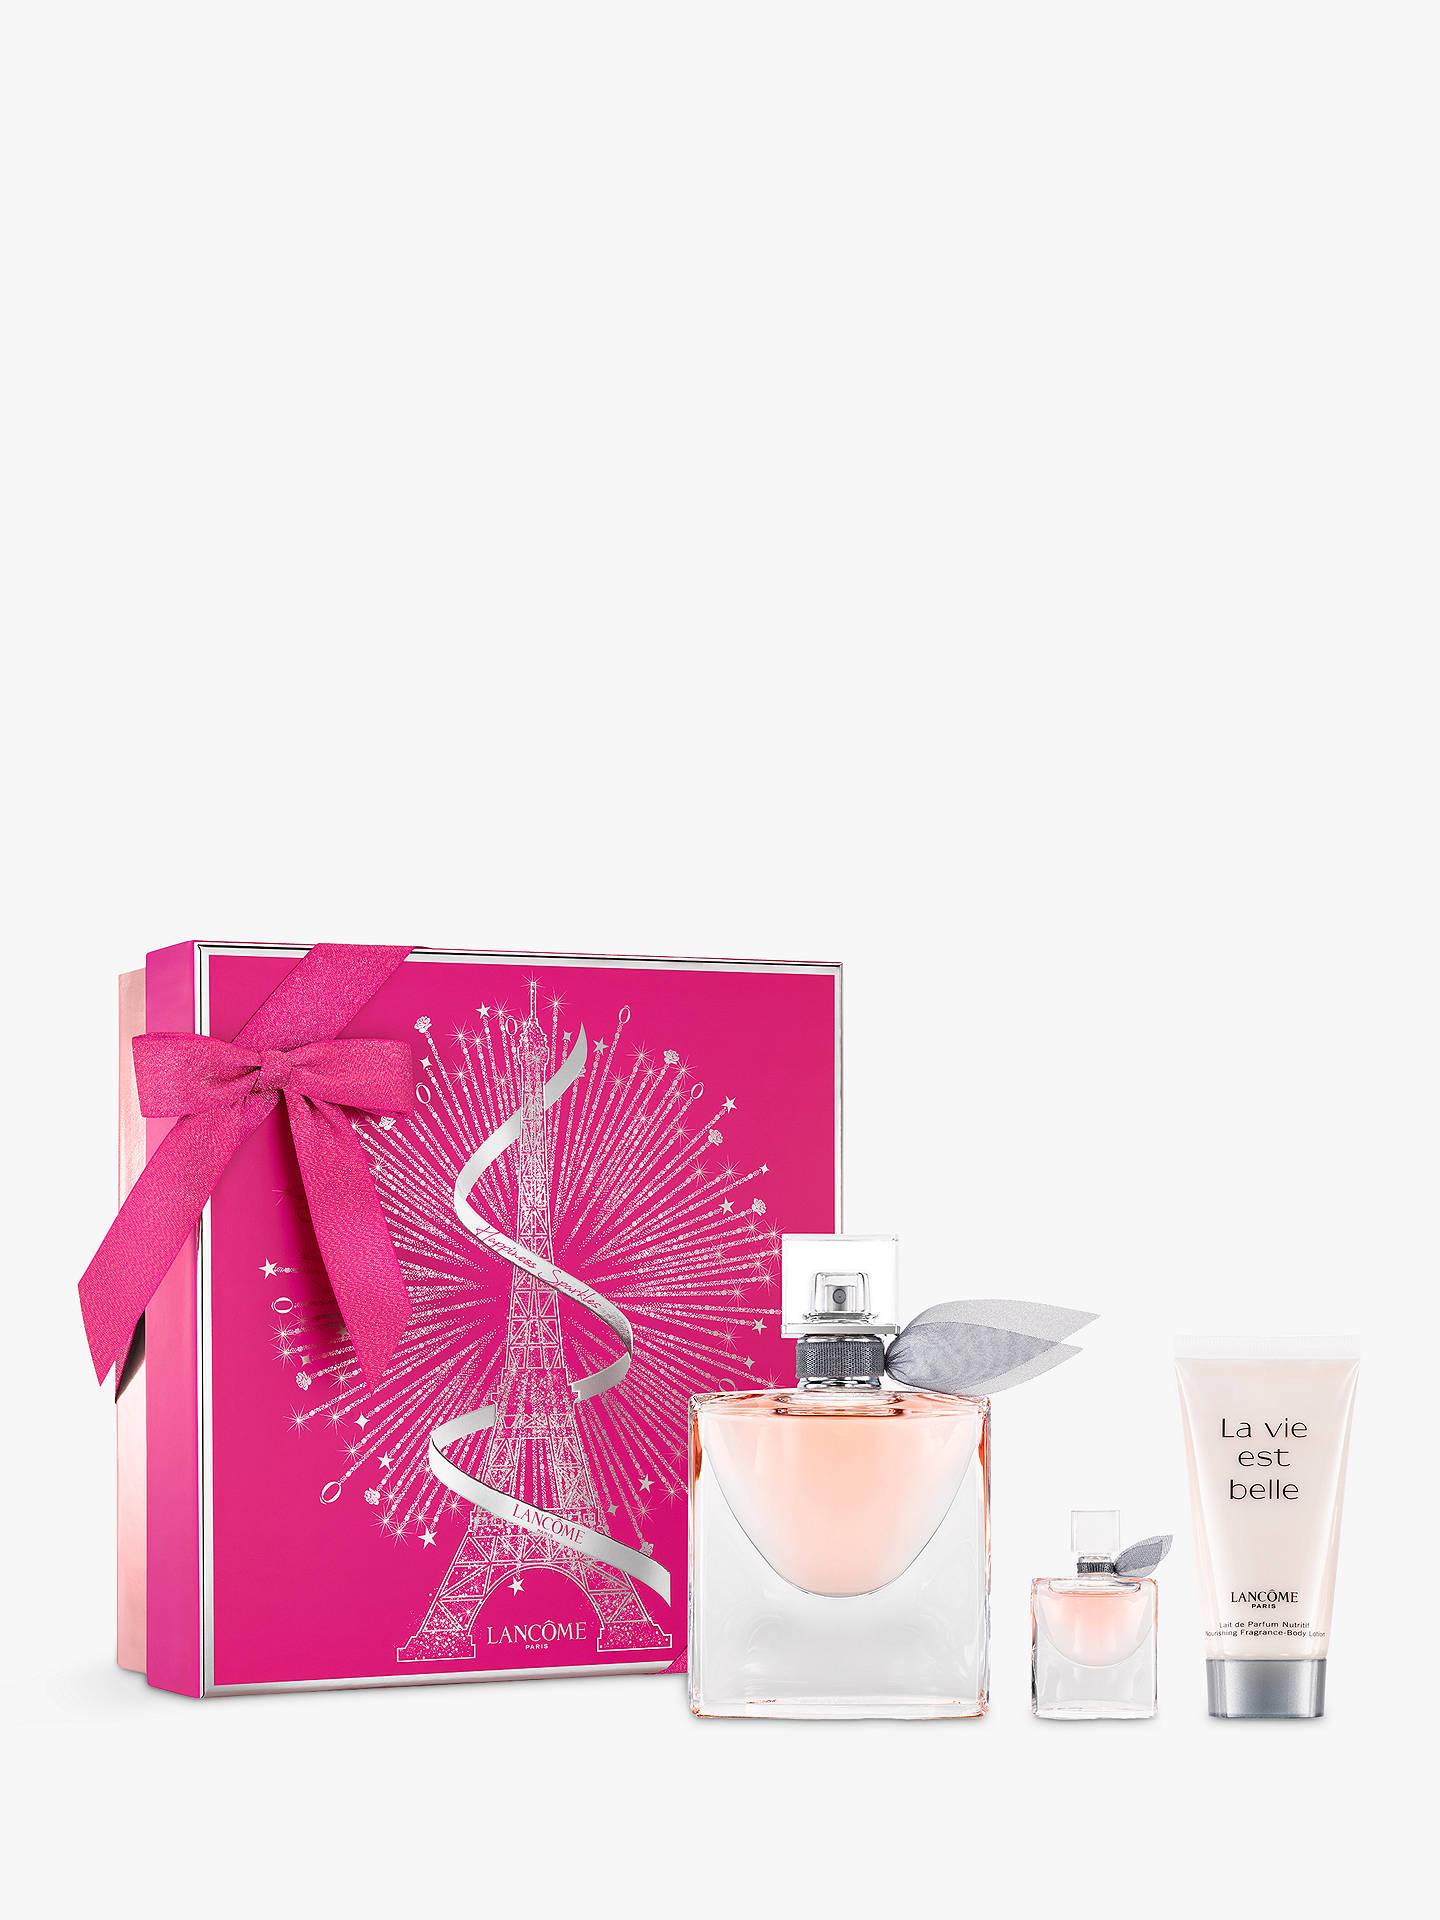 69a6a245006 Buy Lancôme La Vie Est Belle 50ml Eau de Parfum Fragrance Gift Set Online  at johnlewis ...